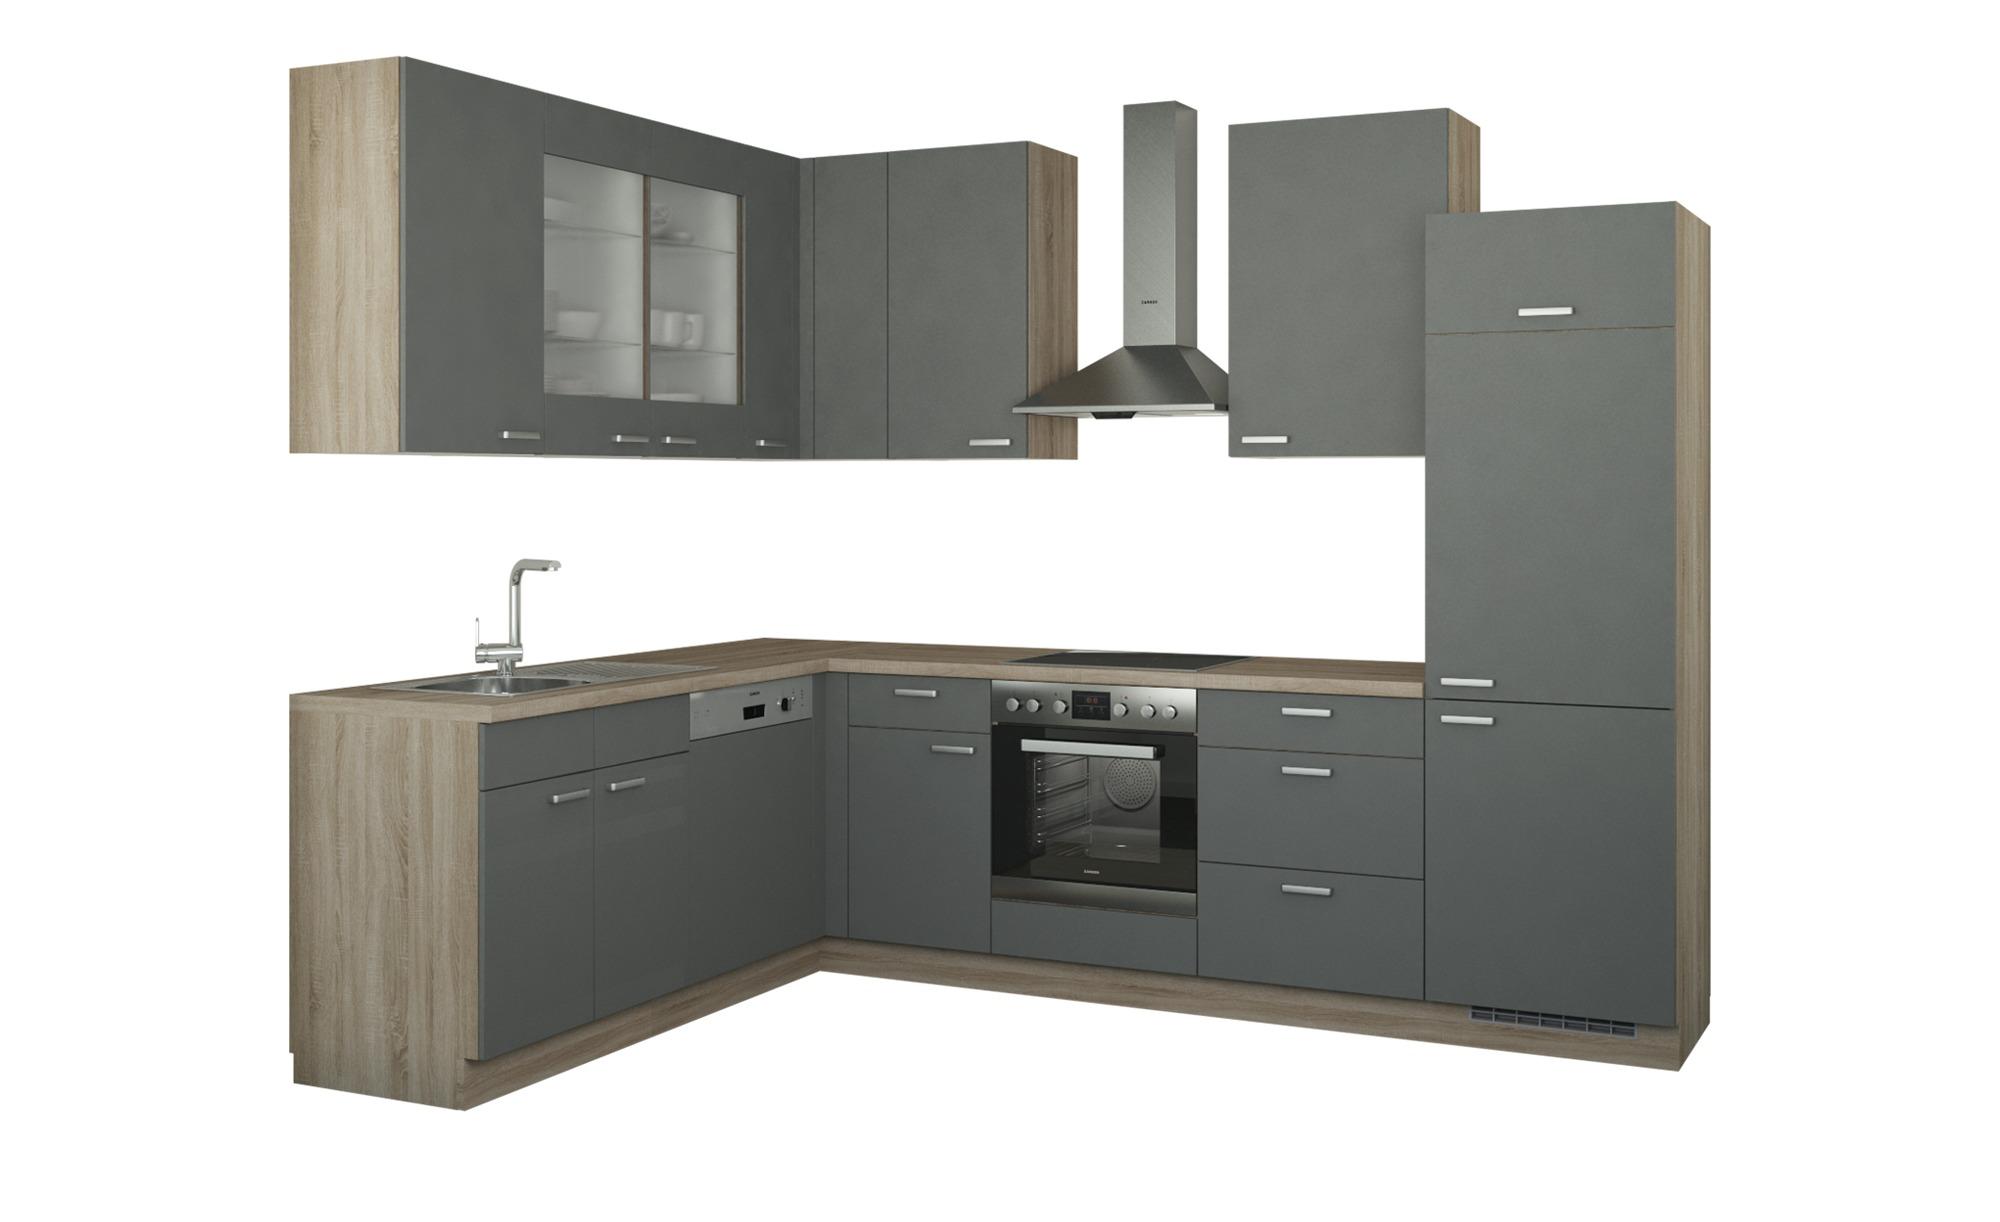 Winkelküche ohne Elektrogeräte  München Küchen > Küchenblöcke - Höffner | Küche und Esszimmer > Küchen > Winkelküchen | Holzwerkstoff - Glas | Möbel Höffner DE